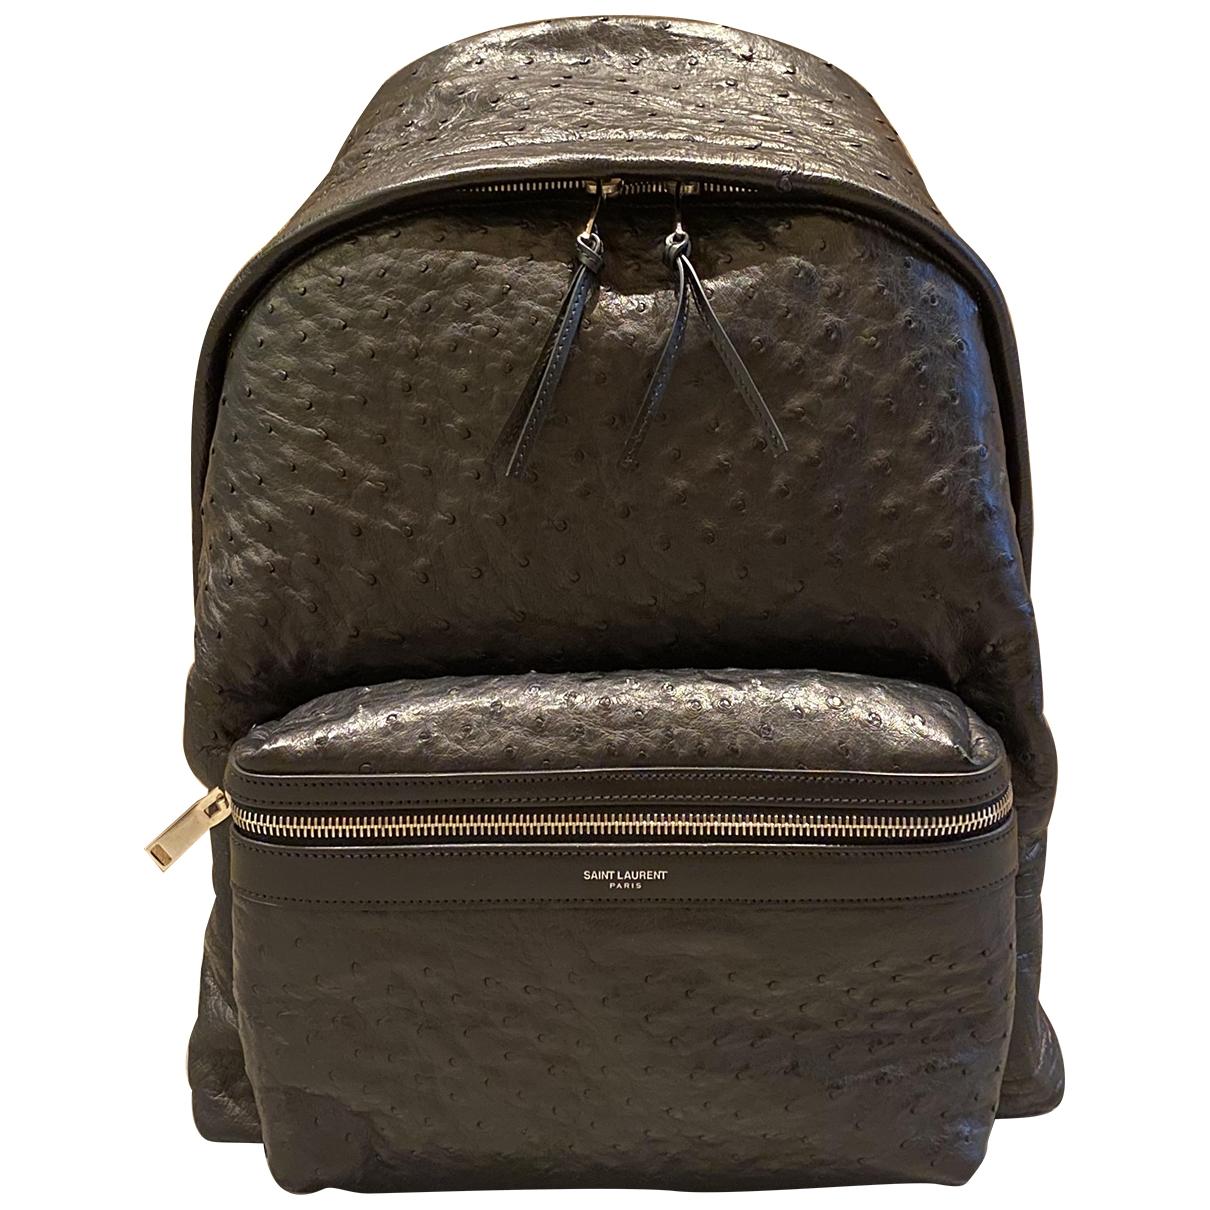 Saint Laurent City Backpack Black Ostrich bag for Men \N